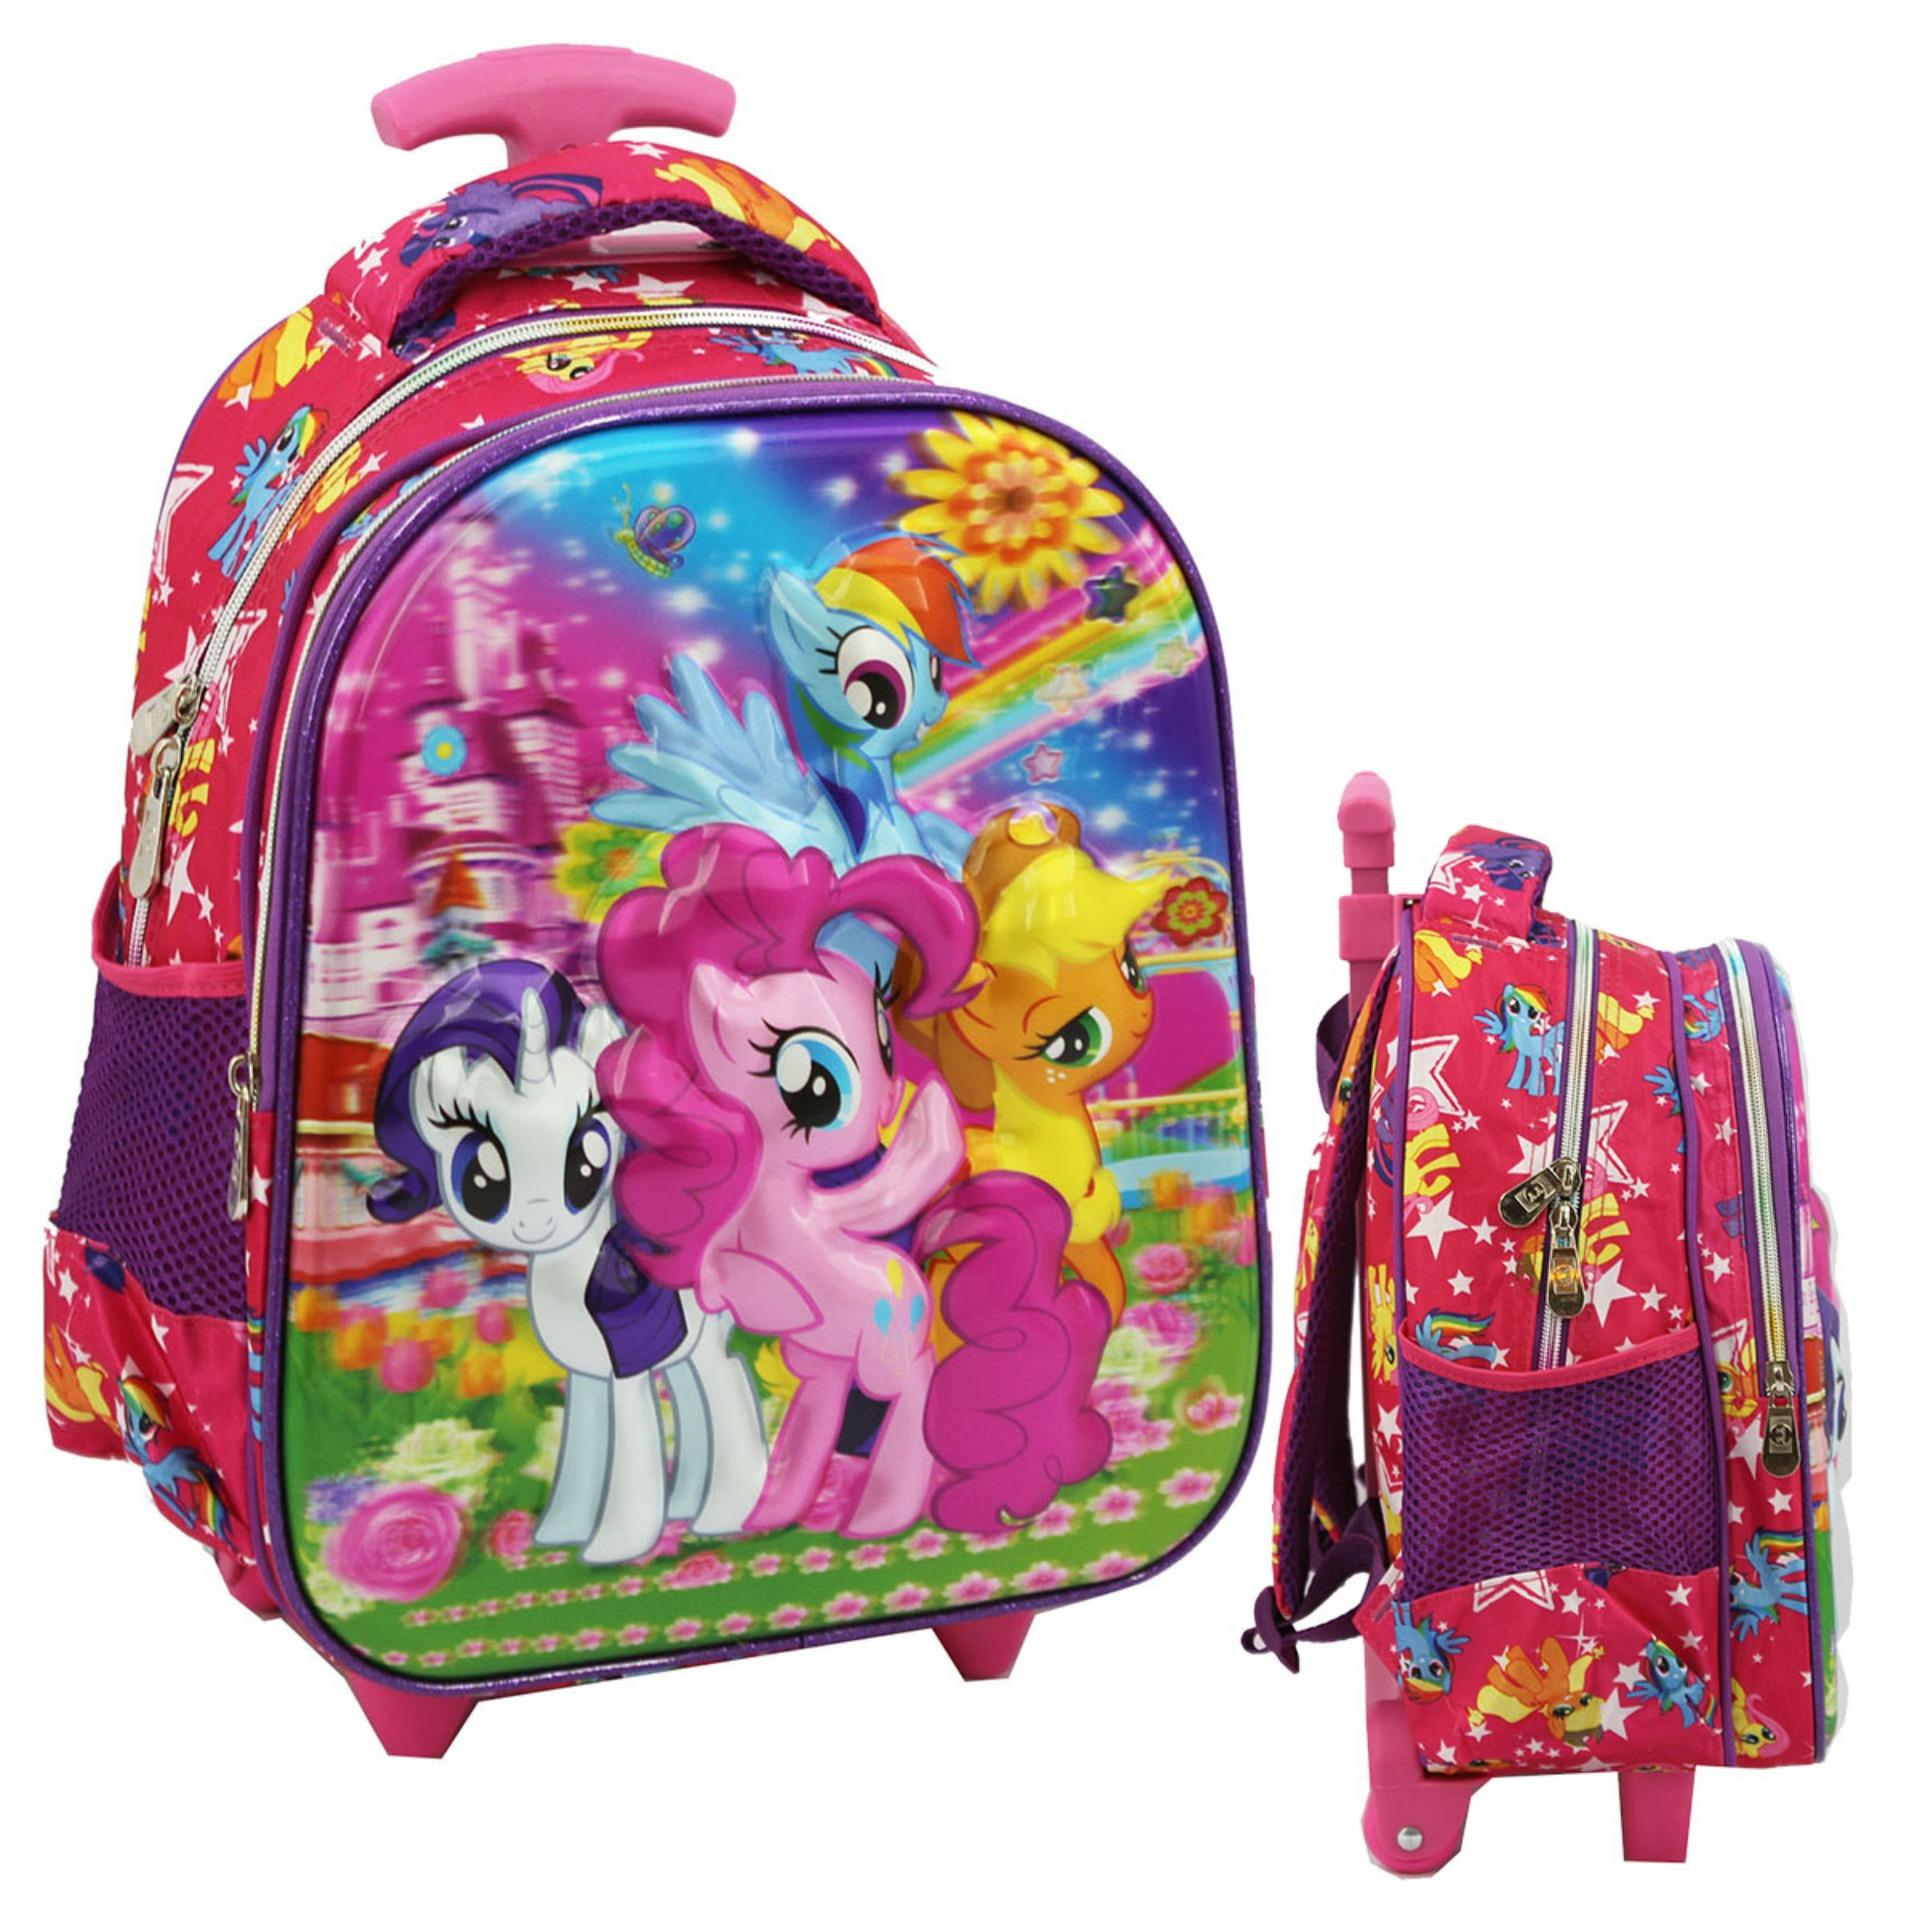 Diskon Onlan My Little Pony 5D Timbul Hologram Trolley Anak Sekolah Tk Ungu